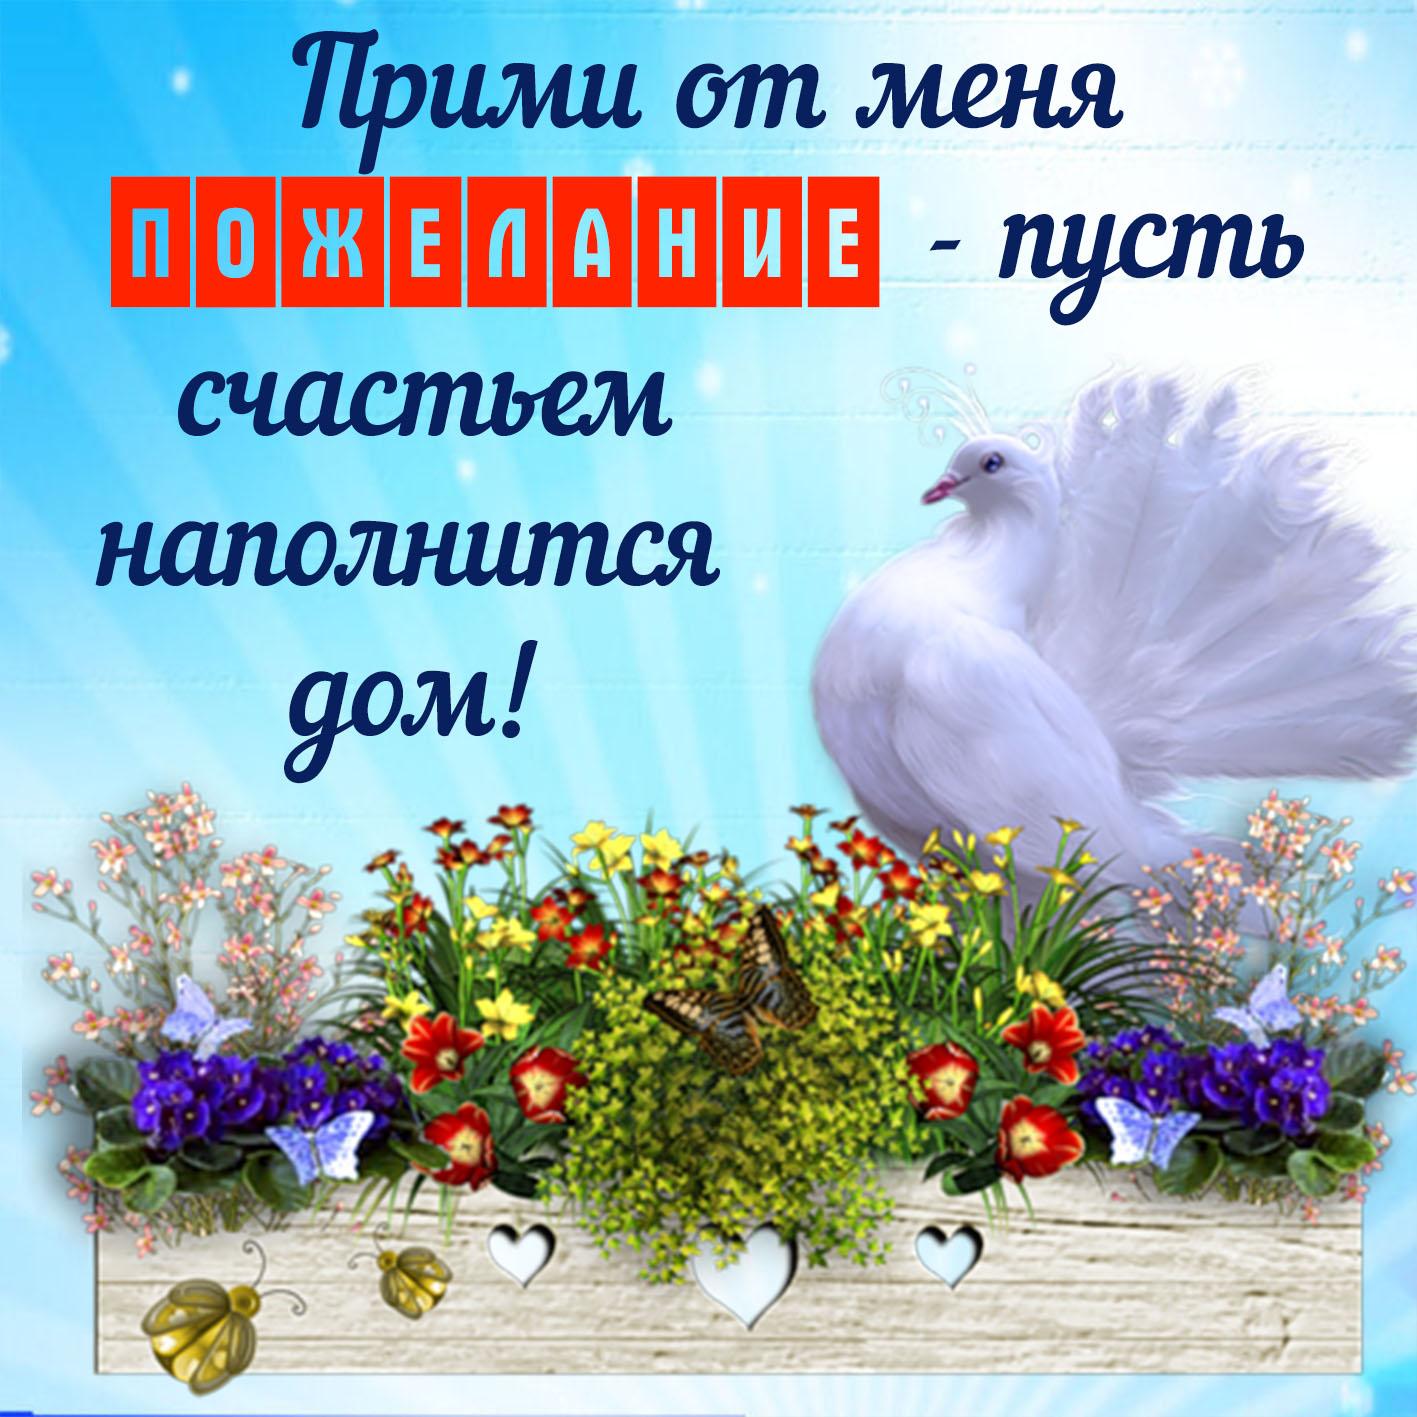 Открытка с пожеланием счастья - белый голубь в красивом оформлении